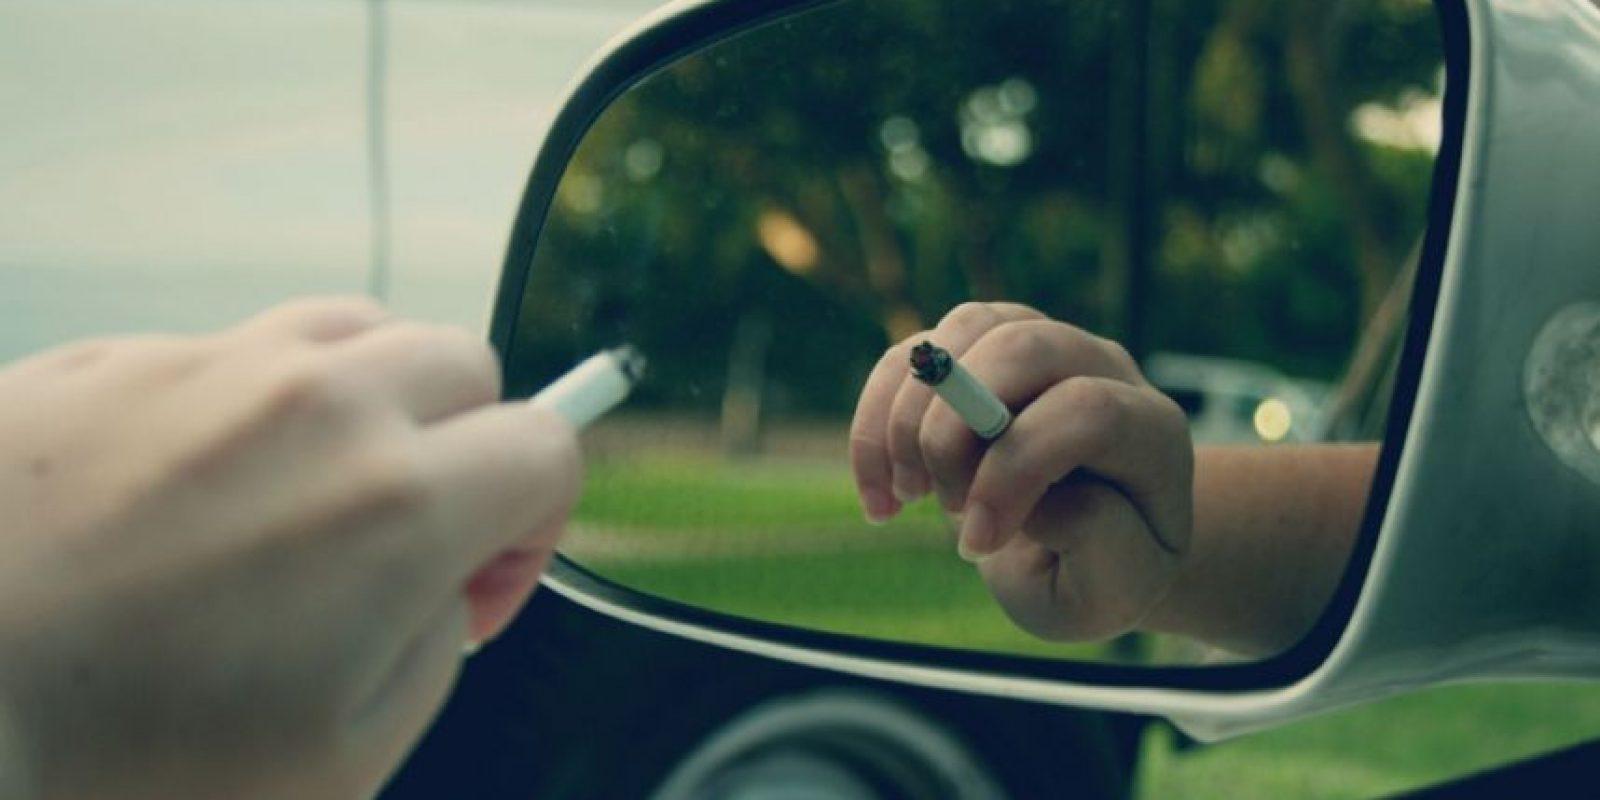 El suicidio es la segunda causa principal de defunción en el grupo etario de 15 a 29 años. Foto:Flickr.com